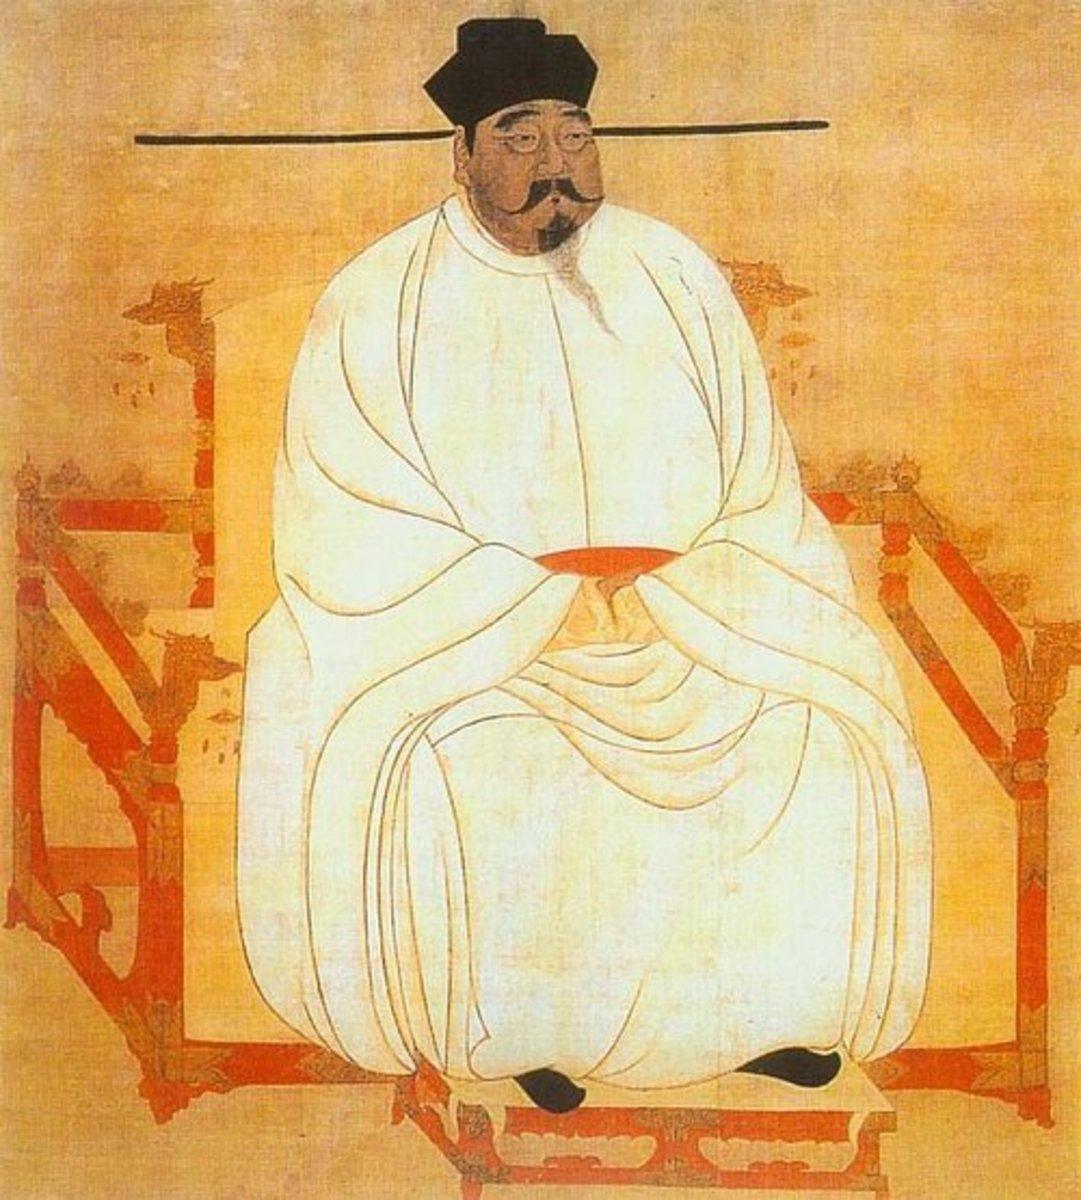 The Song Emperor Taizu